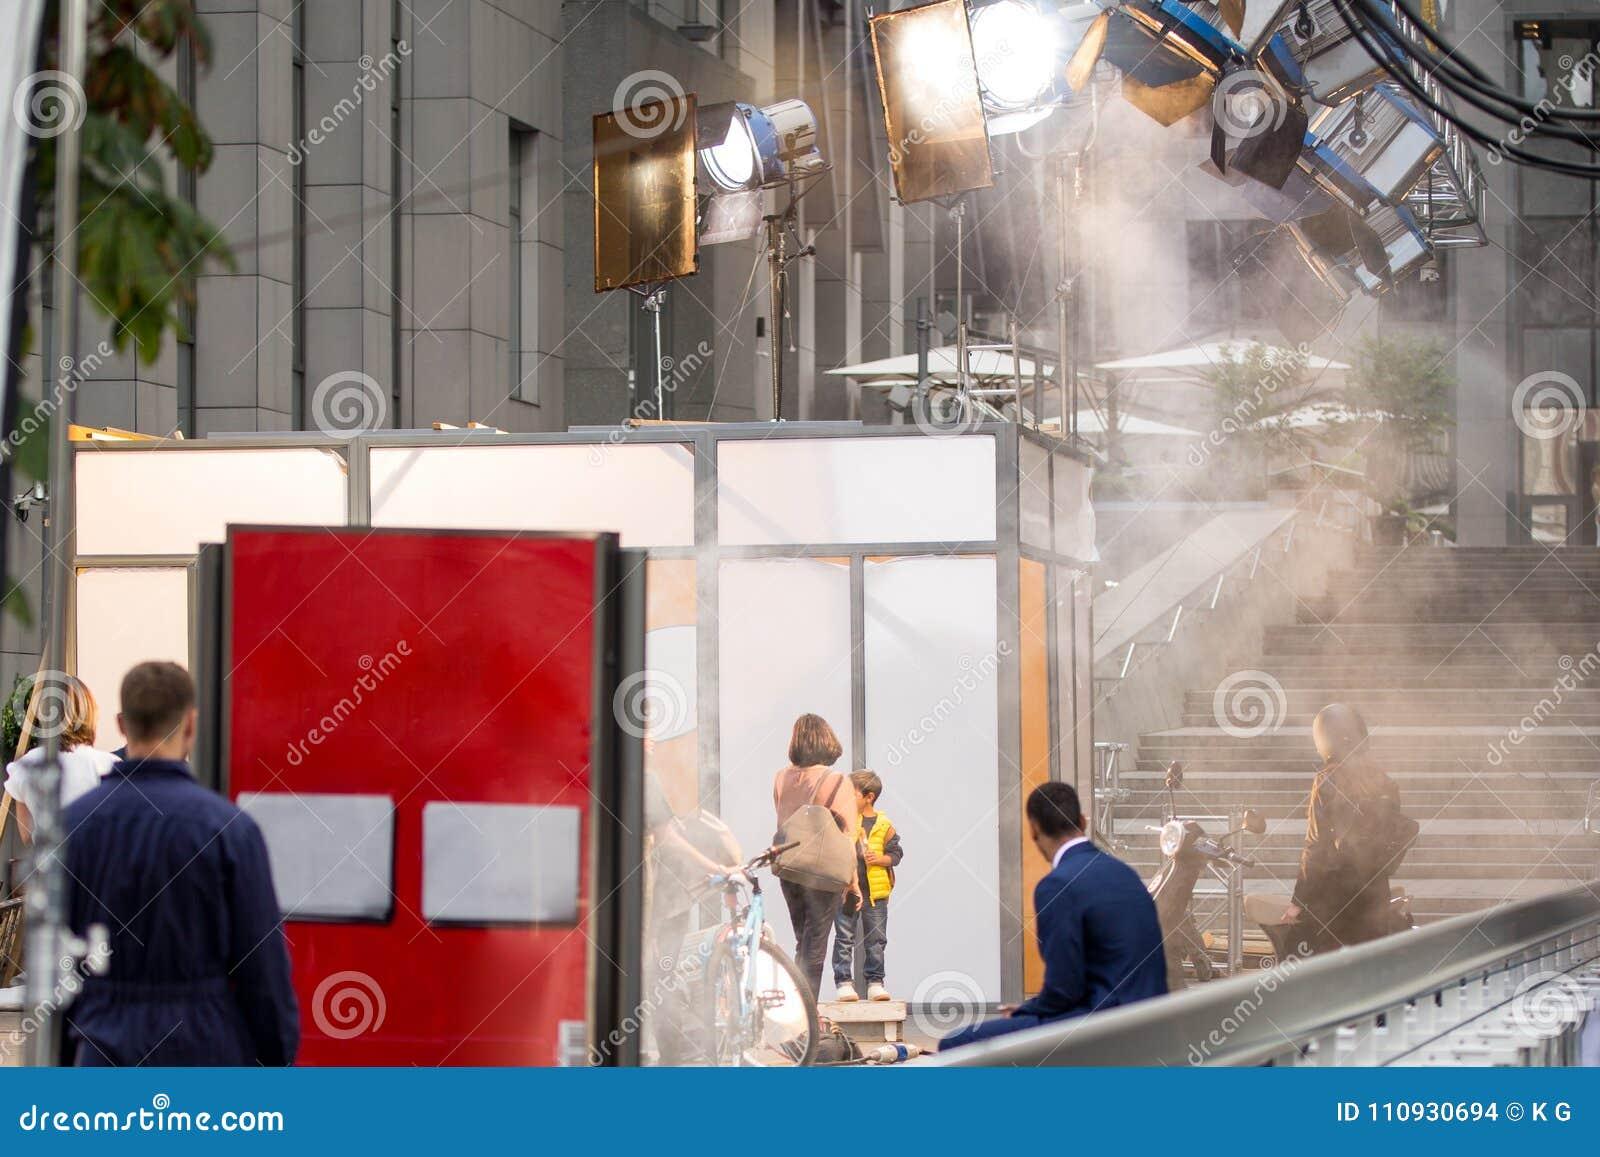 Υπαίθρια σκηνικό κινηματογράφου Σκηνή παραγωγής κινηματογράφων στην οδό πόλεων Ράγες για τη μεγάλη επαγγελματική κάμερα Ειλικρινέ